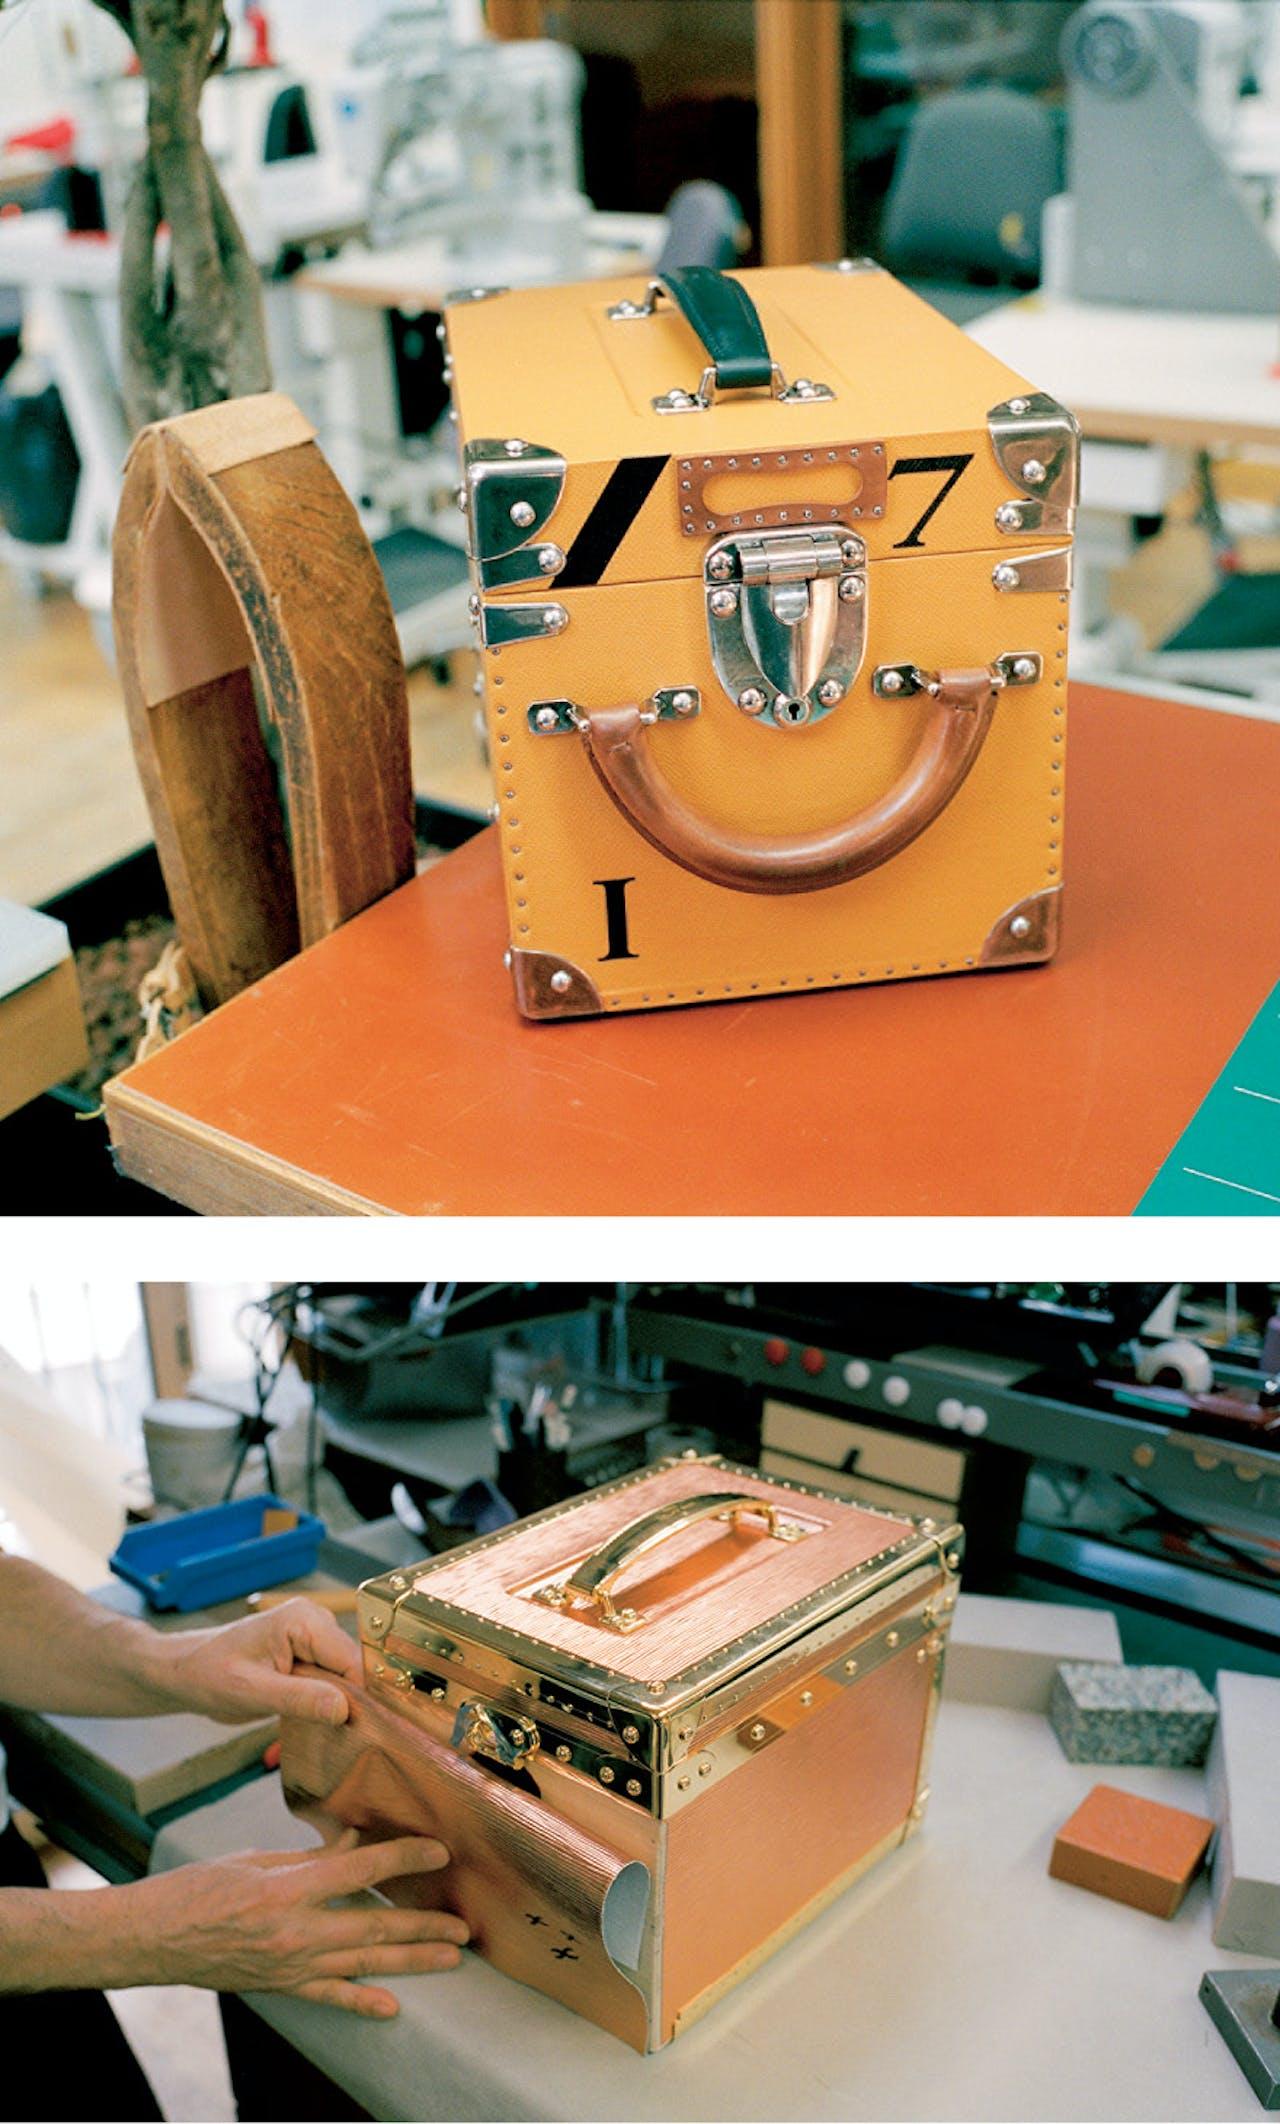 Alle koffers en speciale bestellingen worden in het atelier in Asnières-sur-Seine gemaakt. Populierenhout is de basis van elke koffer, die aan elkaar gelijmd wordt met katoen, bekleed met stof en verankerd met kleine spijkertjes.